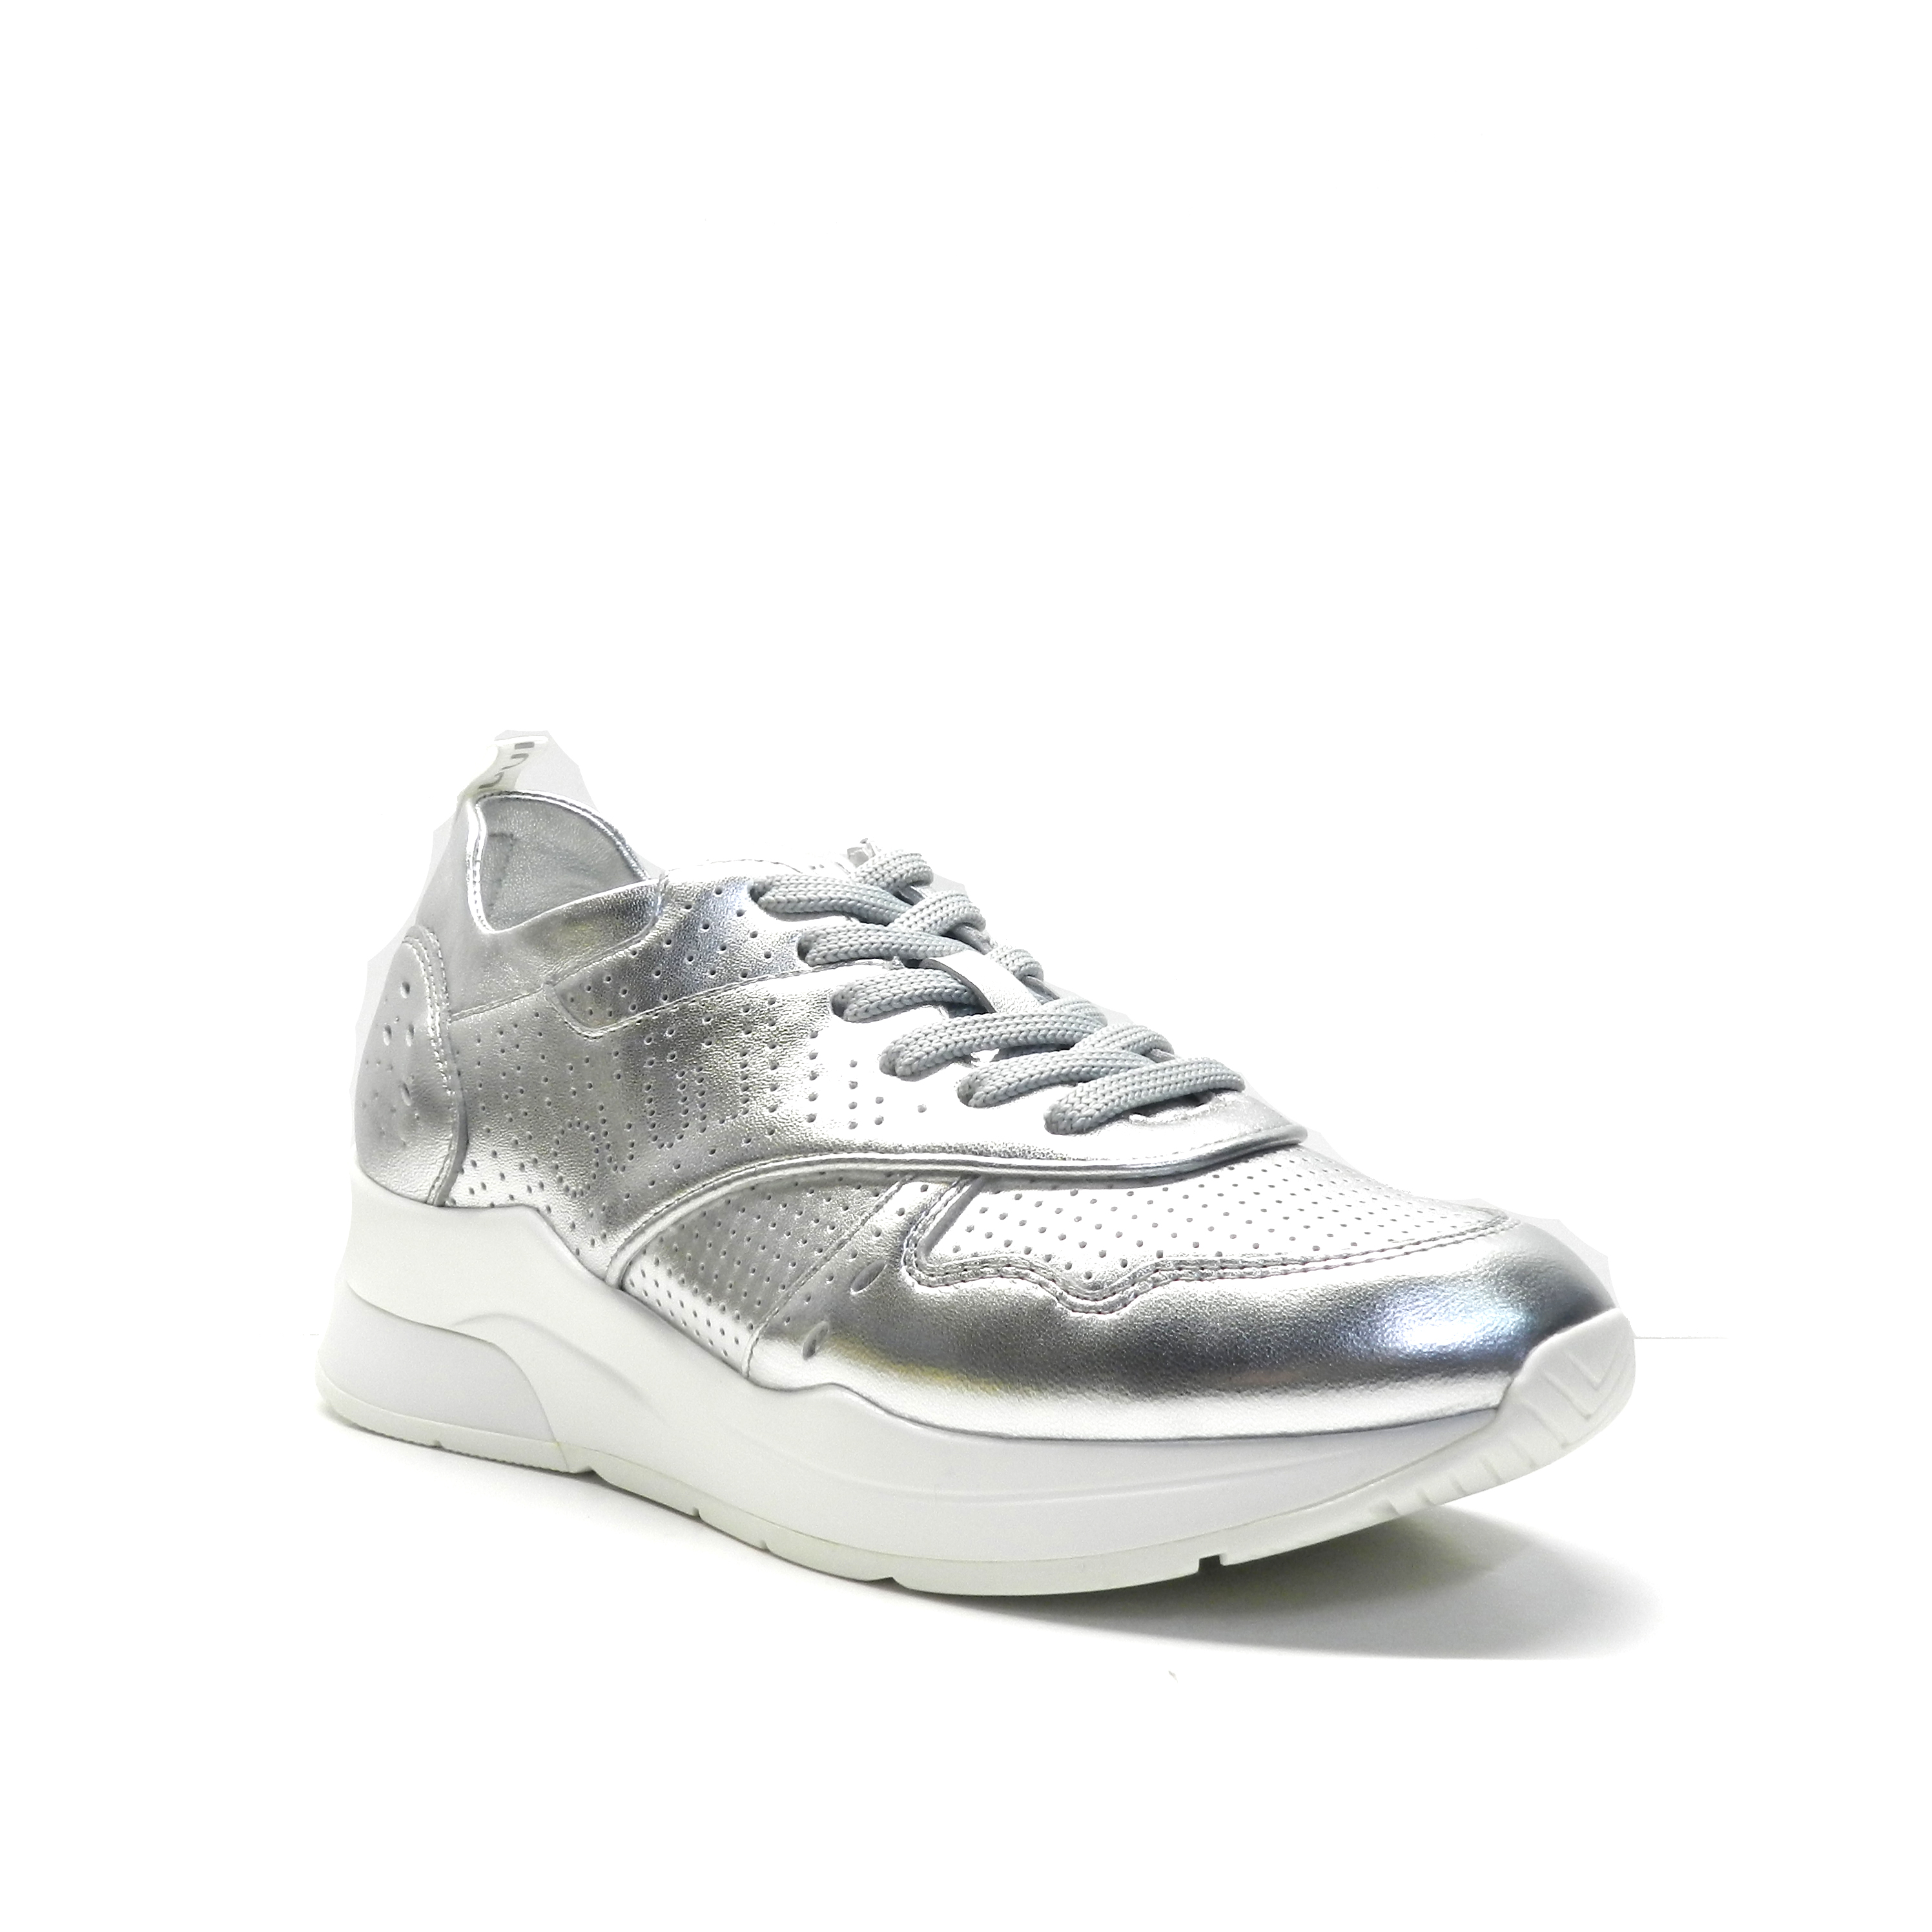 1c482849 Sneakers- Sneakers- LIU.JO KARLIE 14_escala sabates